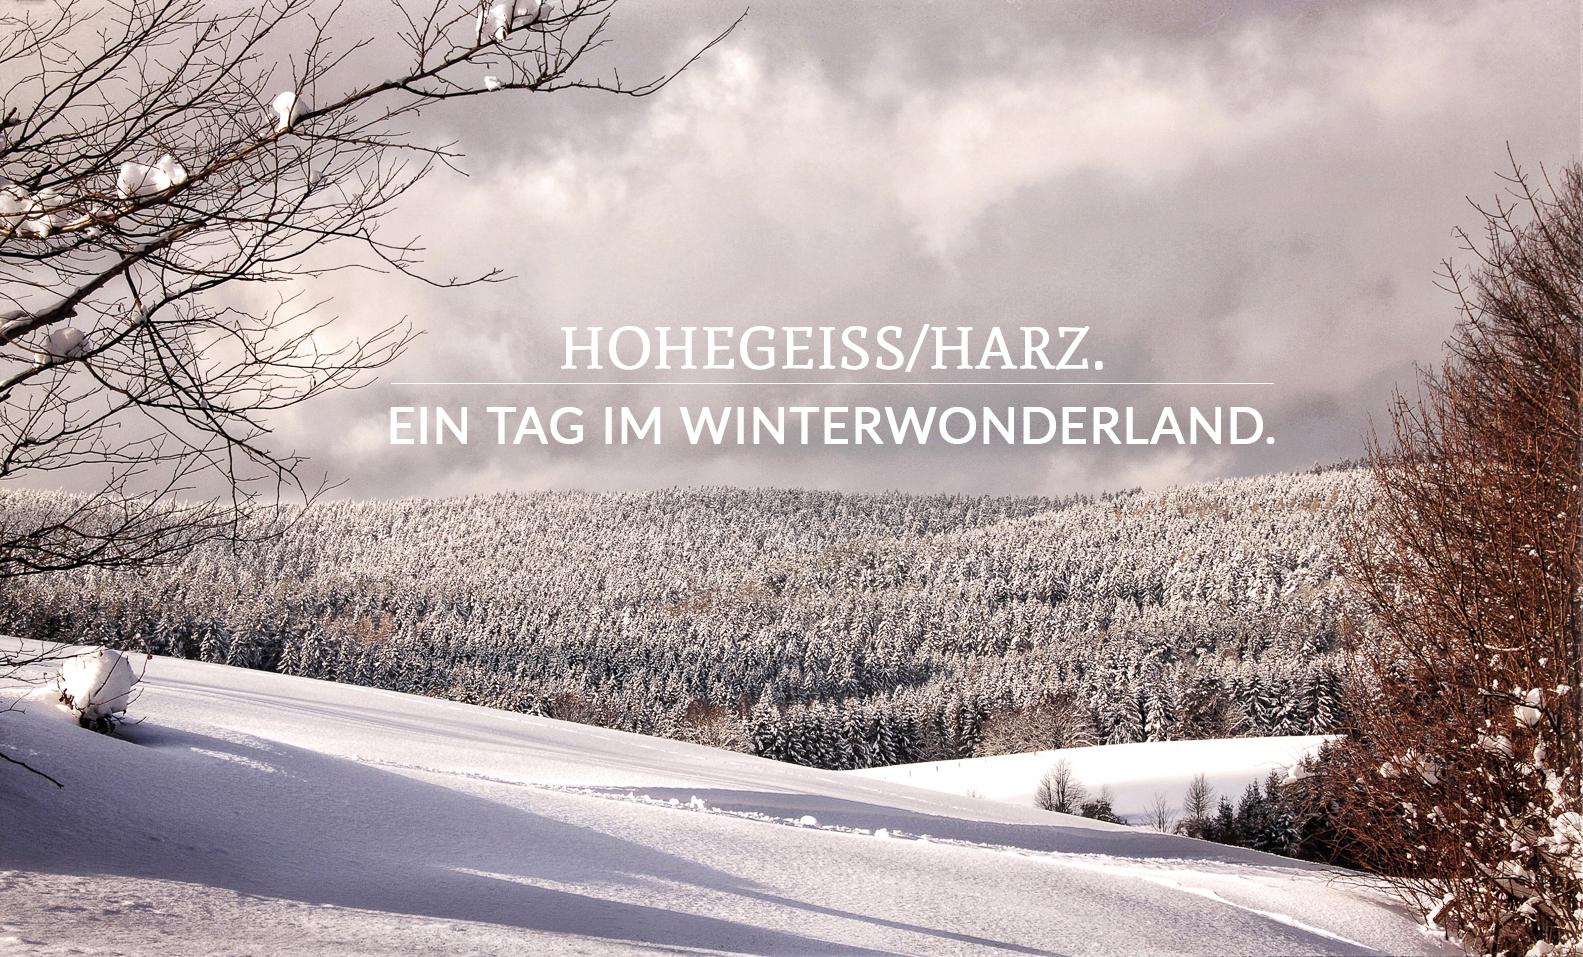 Ein Tag im Winterwonderland.